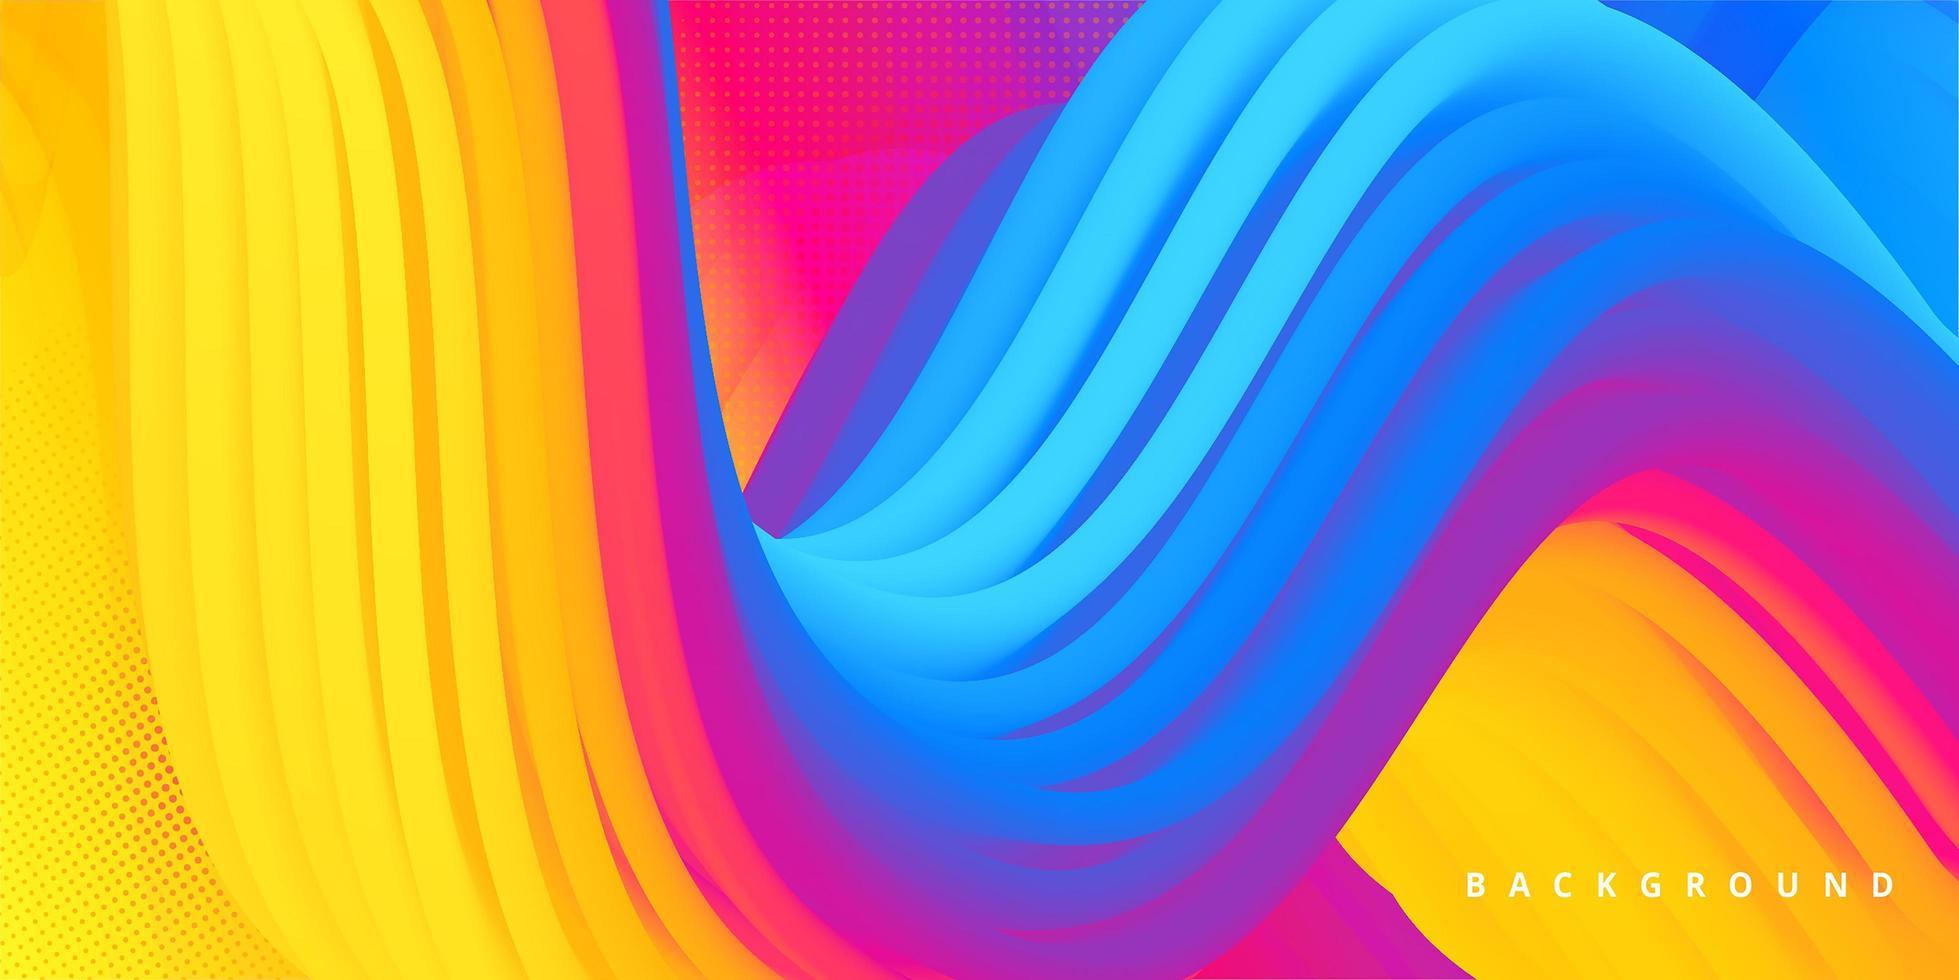 conception de forme de vague colorée abstraite vecteur